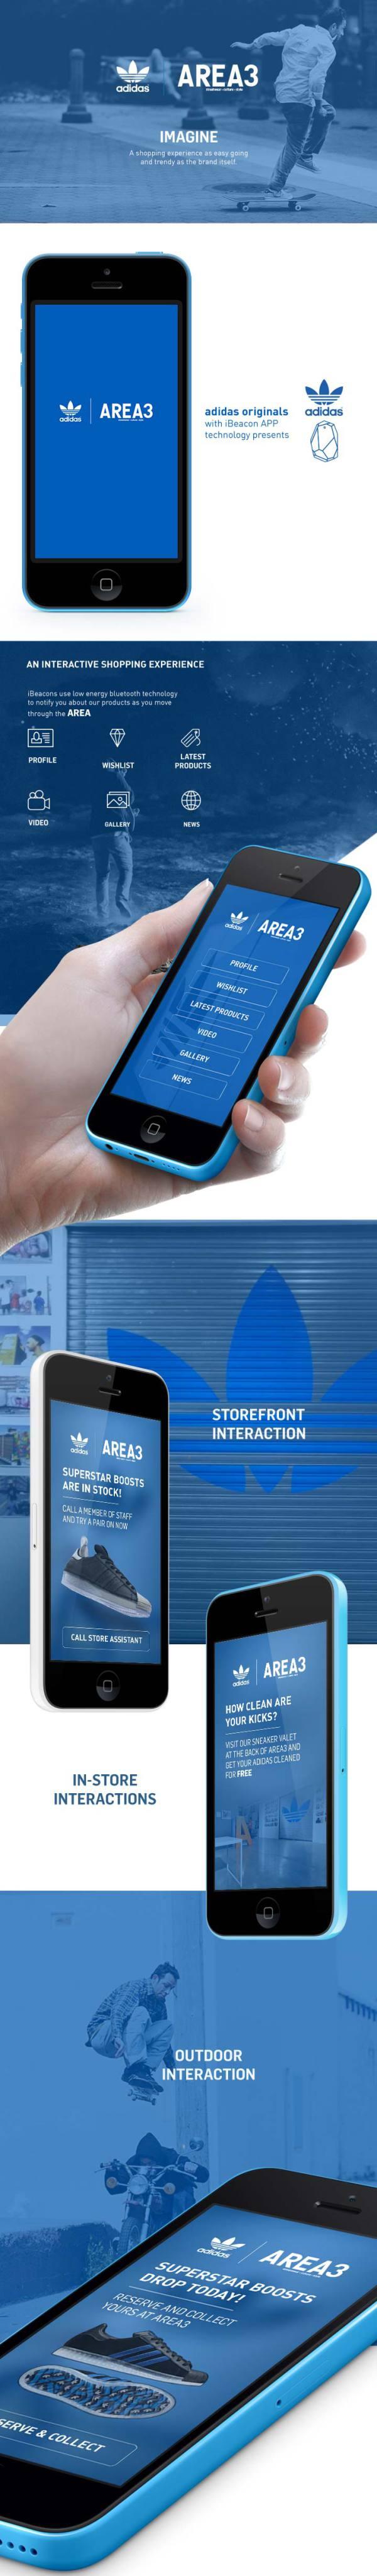 精美的手机APP应用UI设计作品集(2)